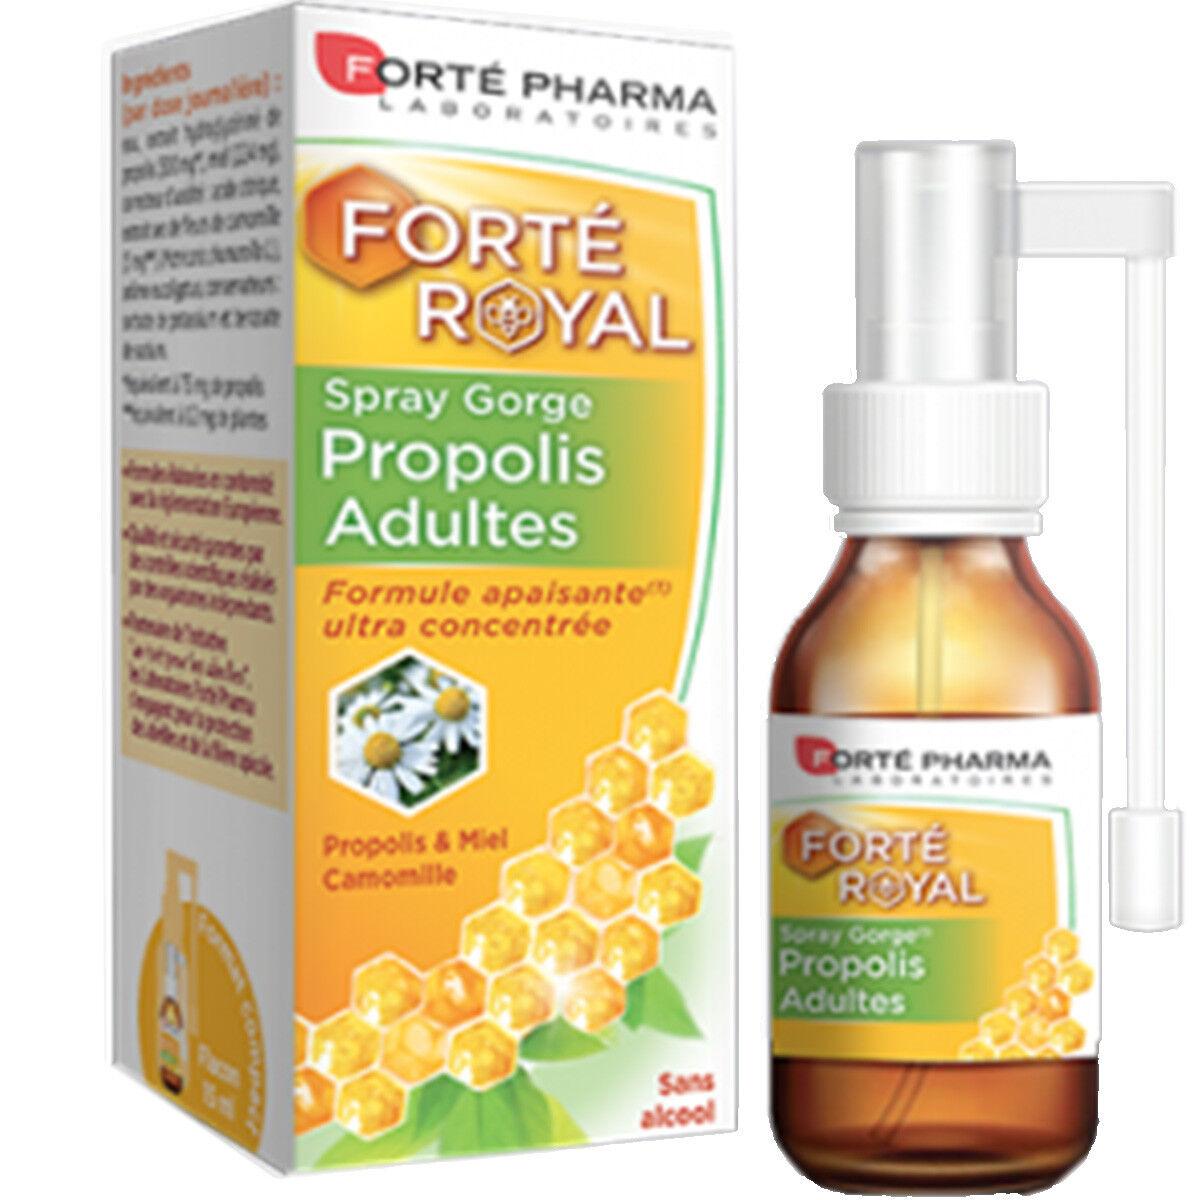 Forte pharma propolis spray gorge adoucissant 15 ml